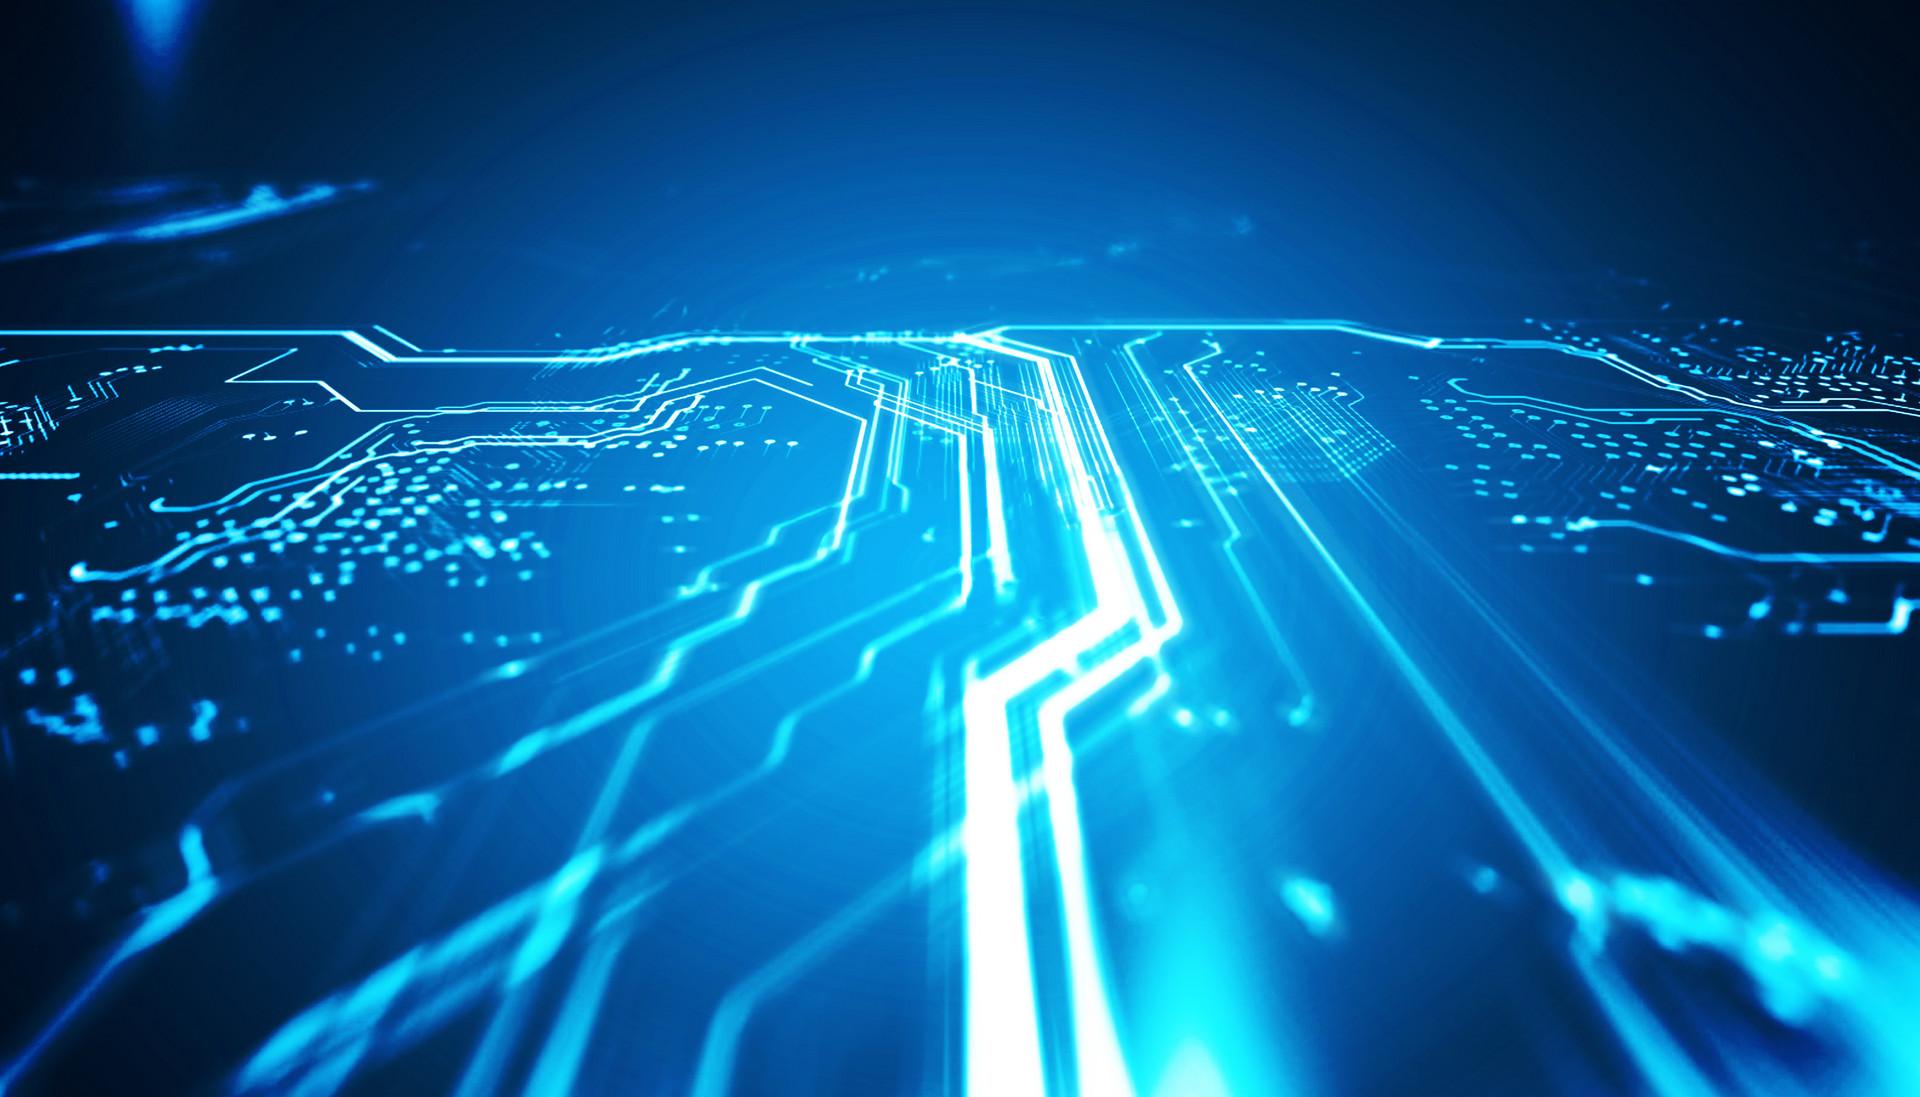 1月至7月,中国电子信息制造业增值比上年同期增长9.1%